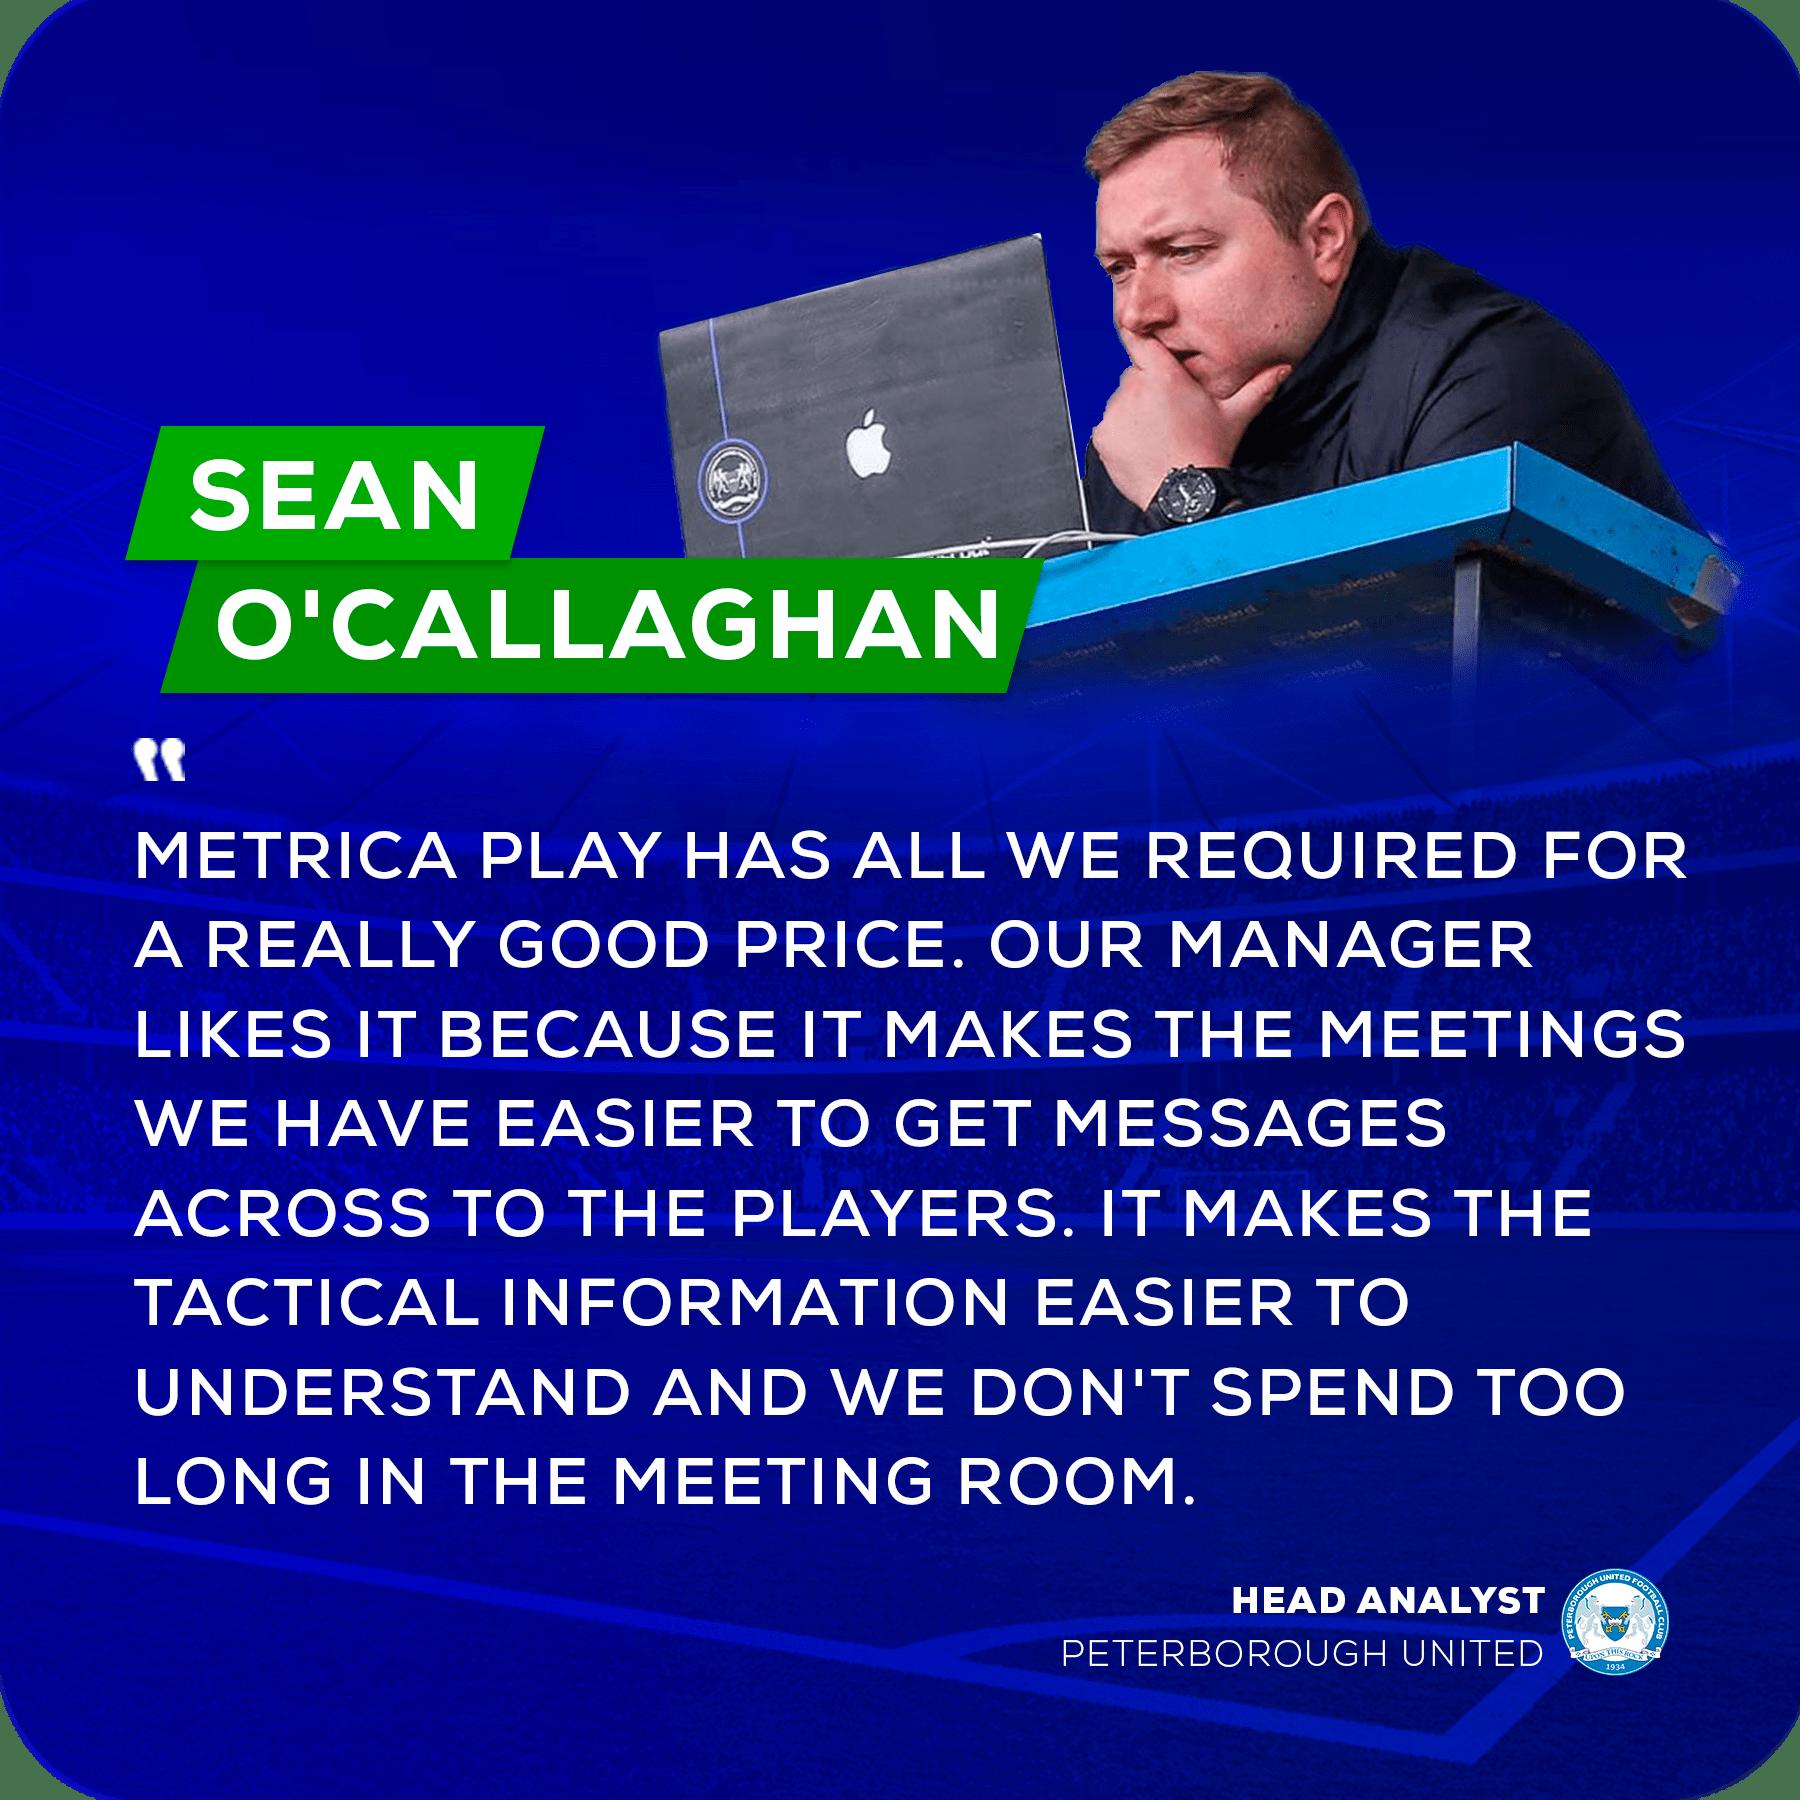 Sean O'Callaghan Quote